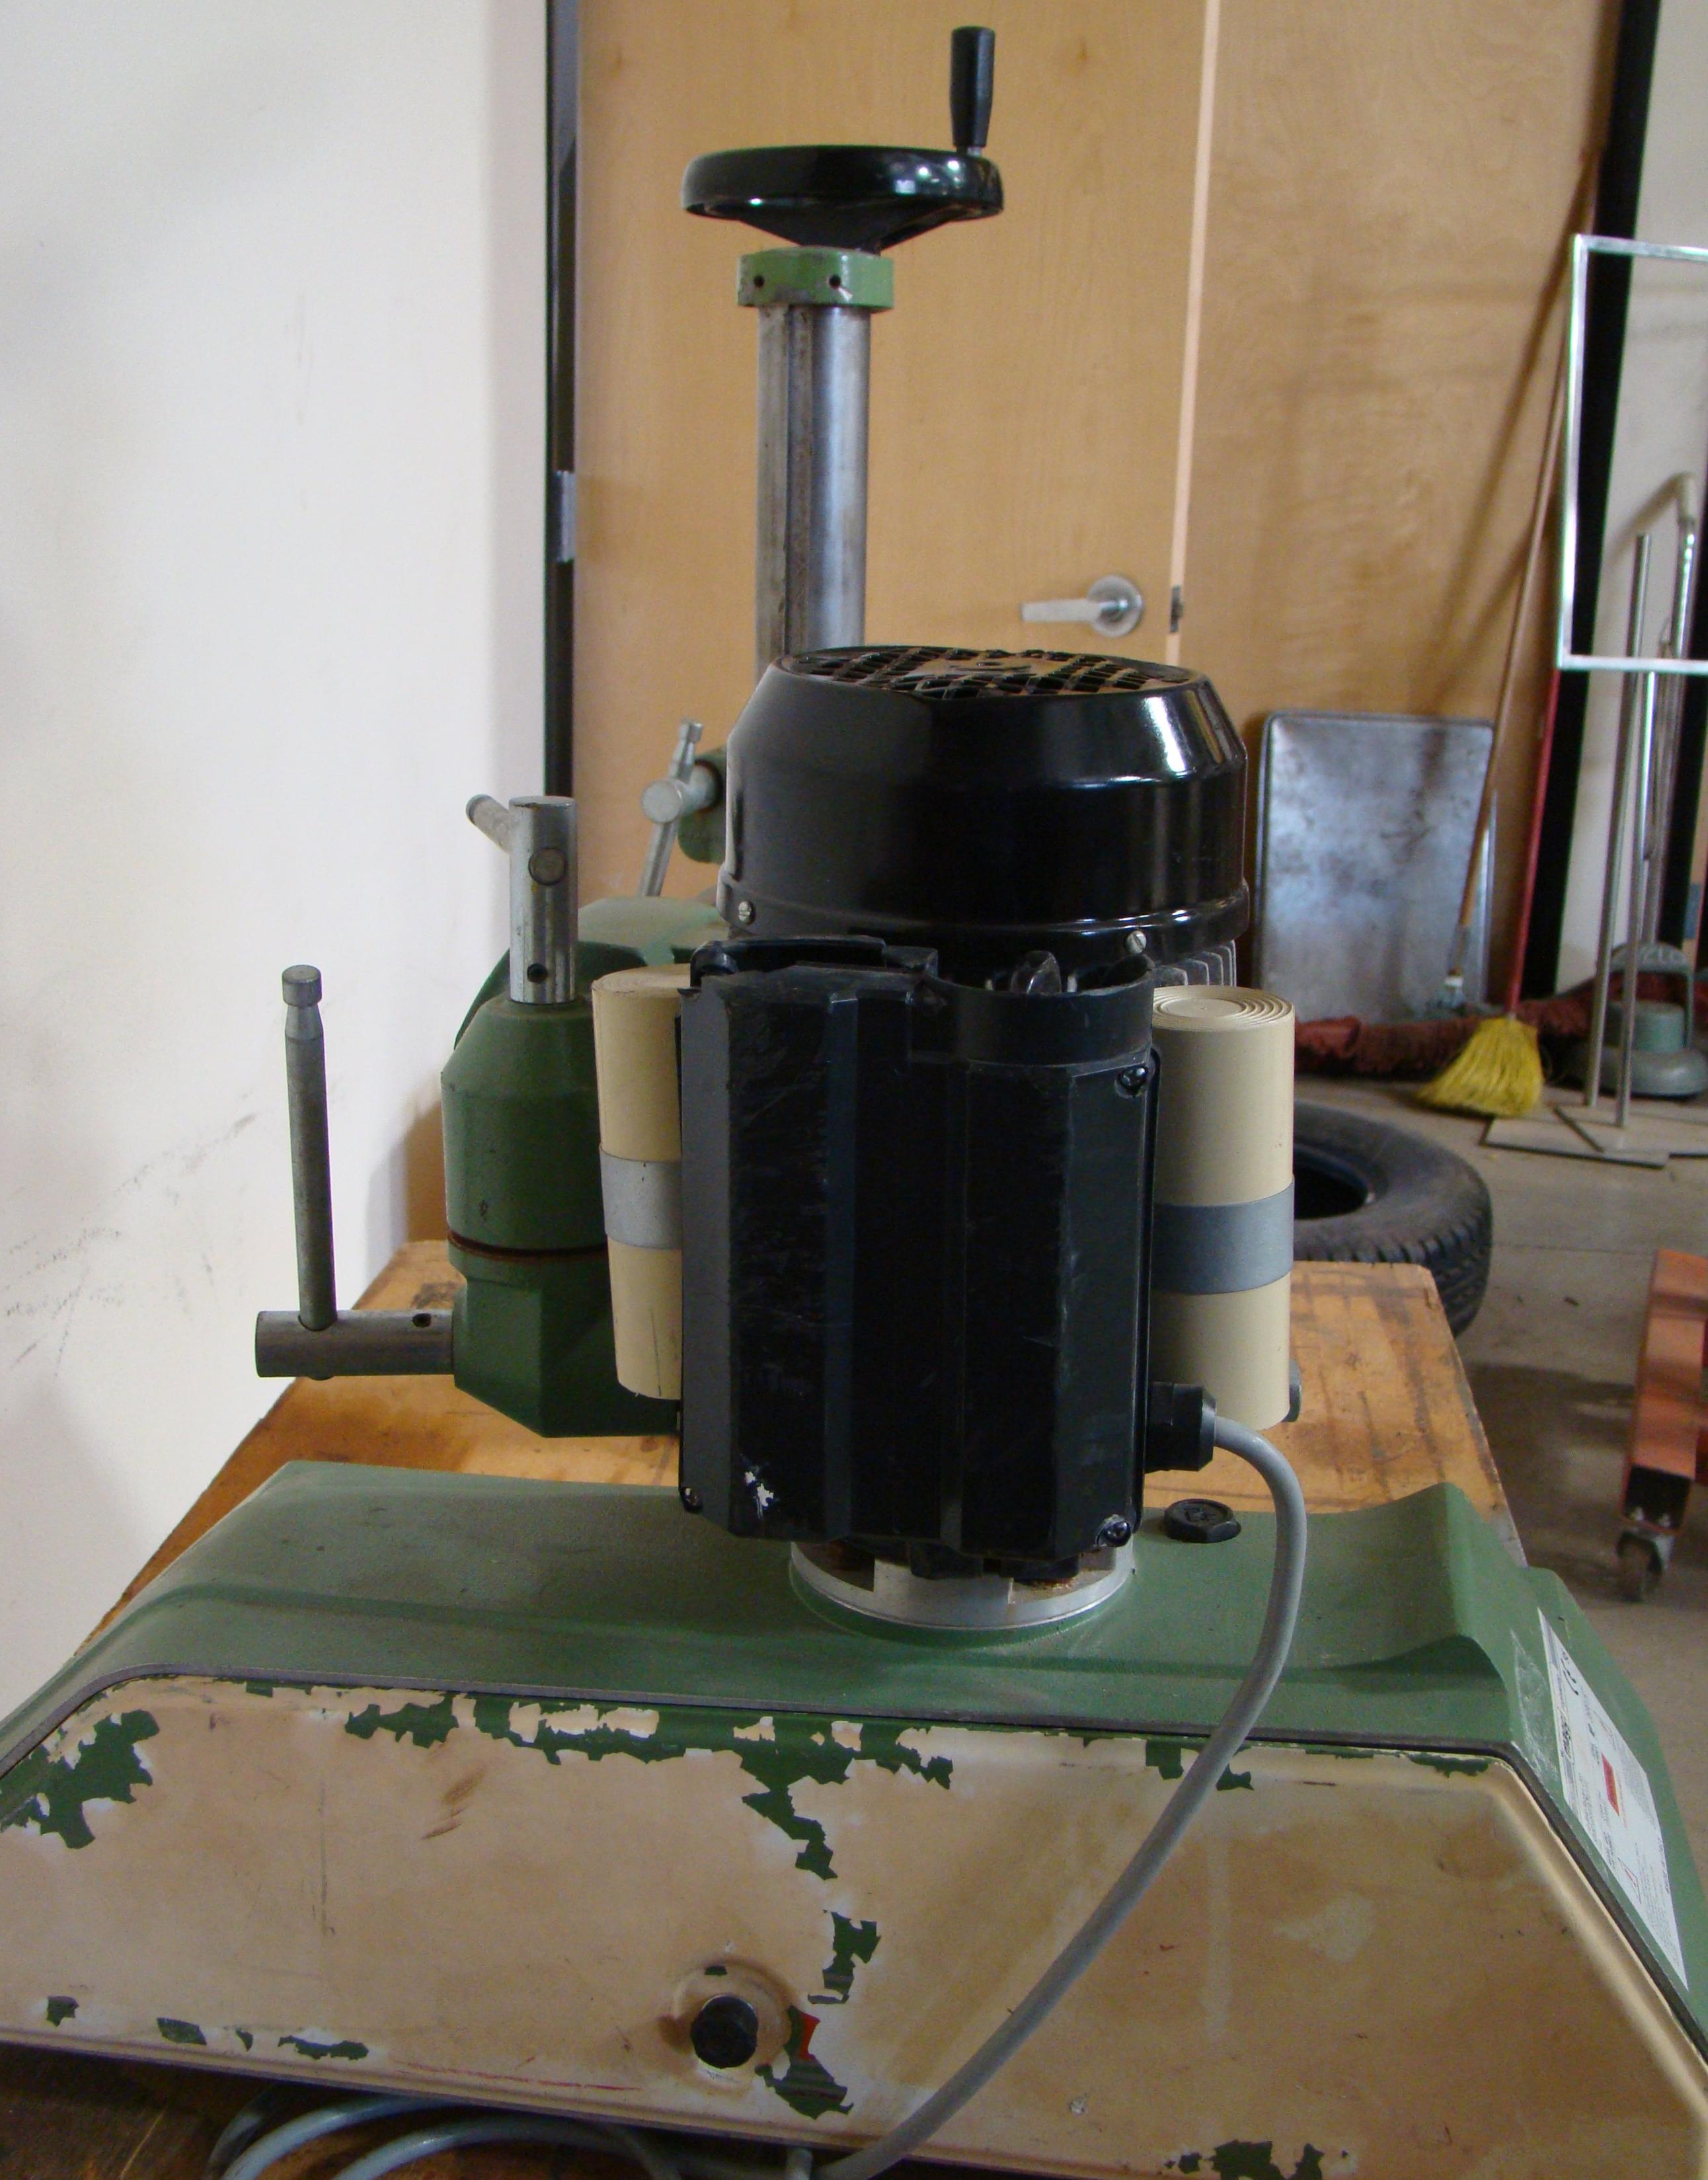 Maggi 4 Wheel Power Feeder Model STEFF 2044 115 Volt 1PH - Image 5 of 6